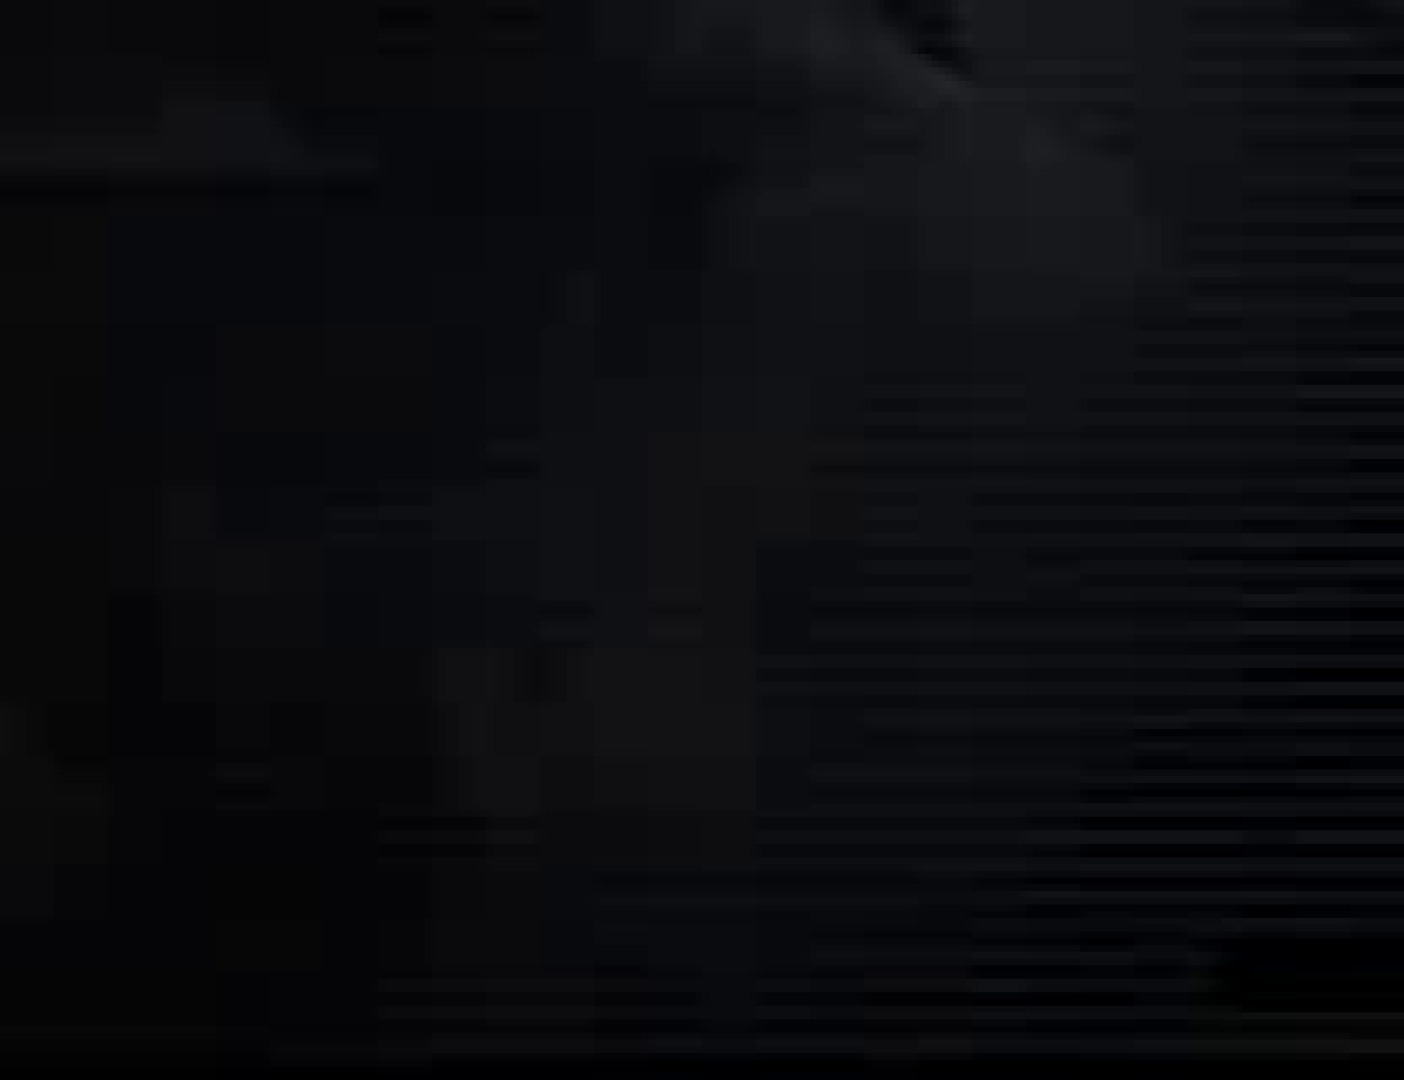 海水浴場 キガエールギャル 潜入 盗撮画像 91PIX 63